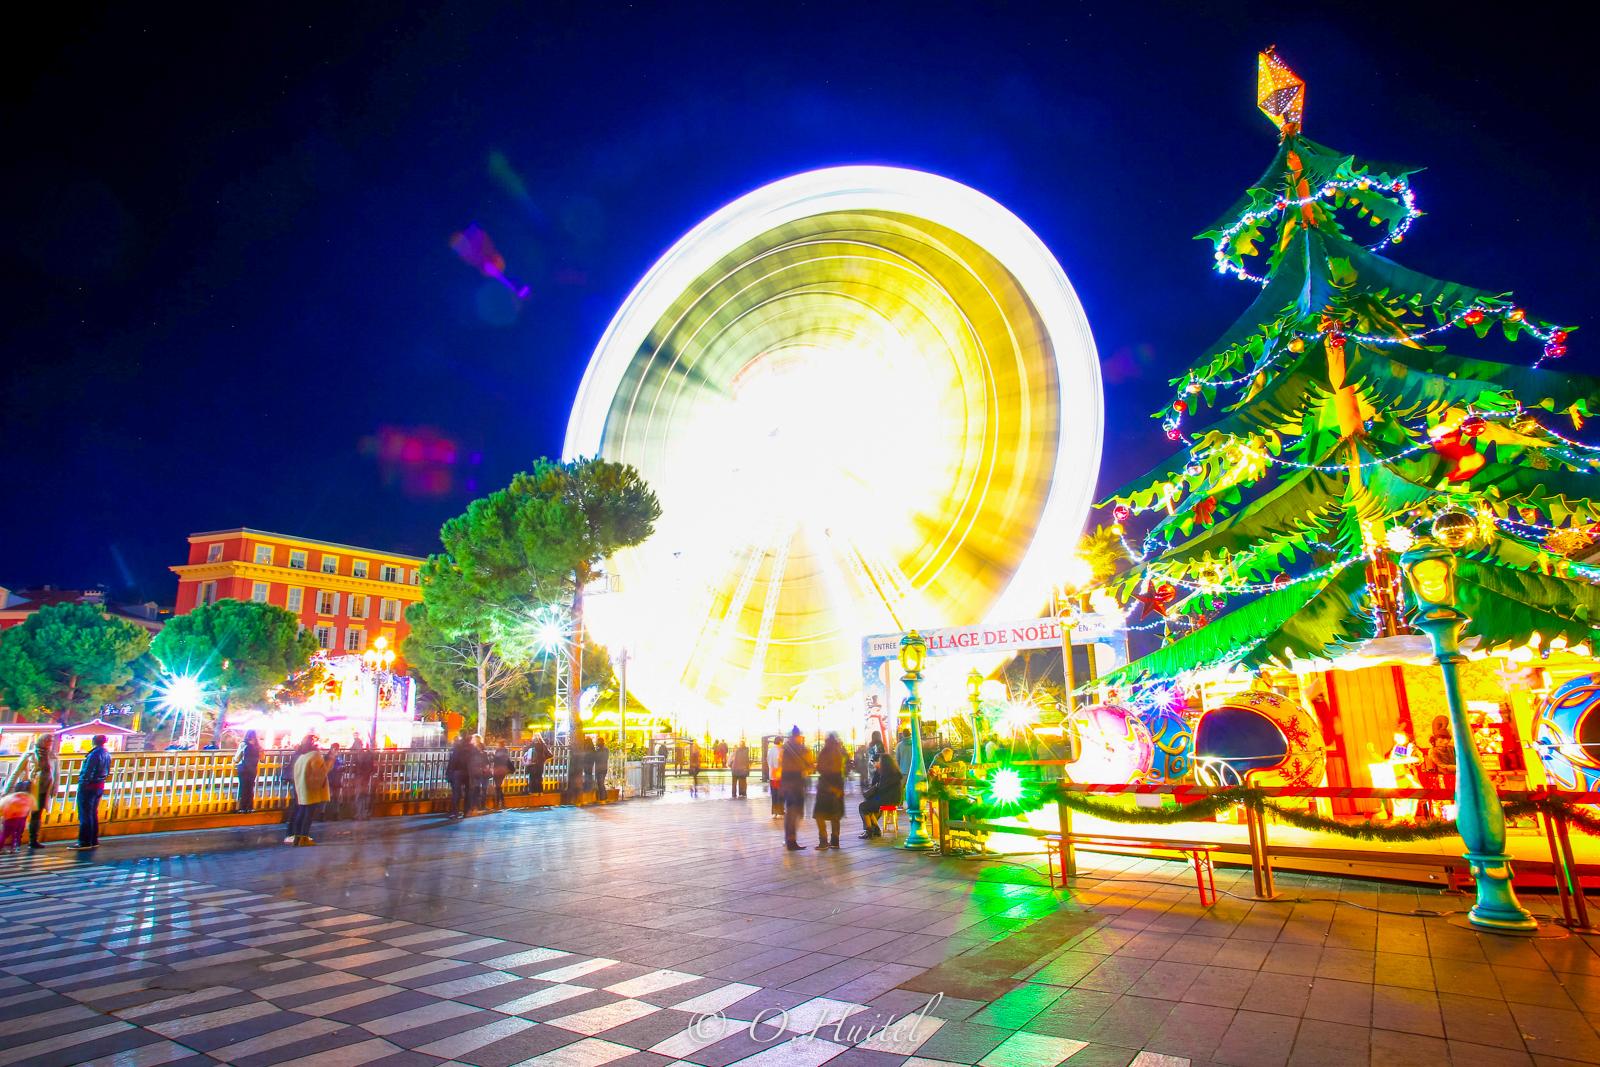 Noël illumine la Place Masséna.